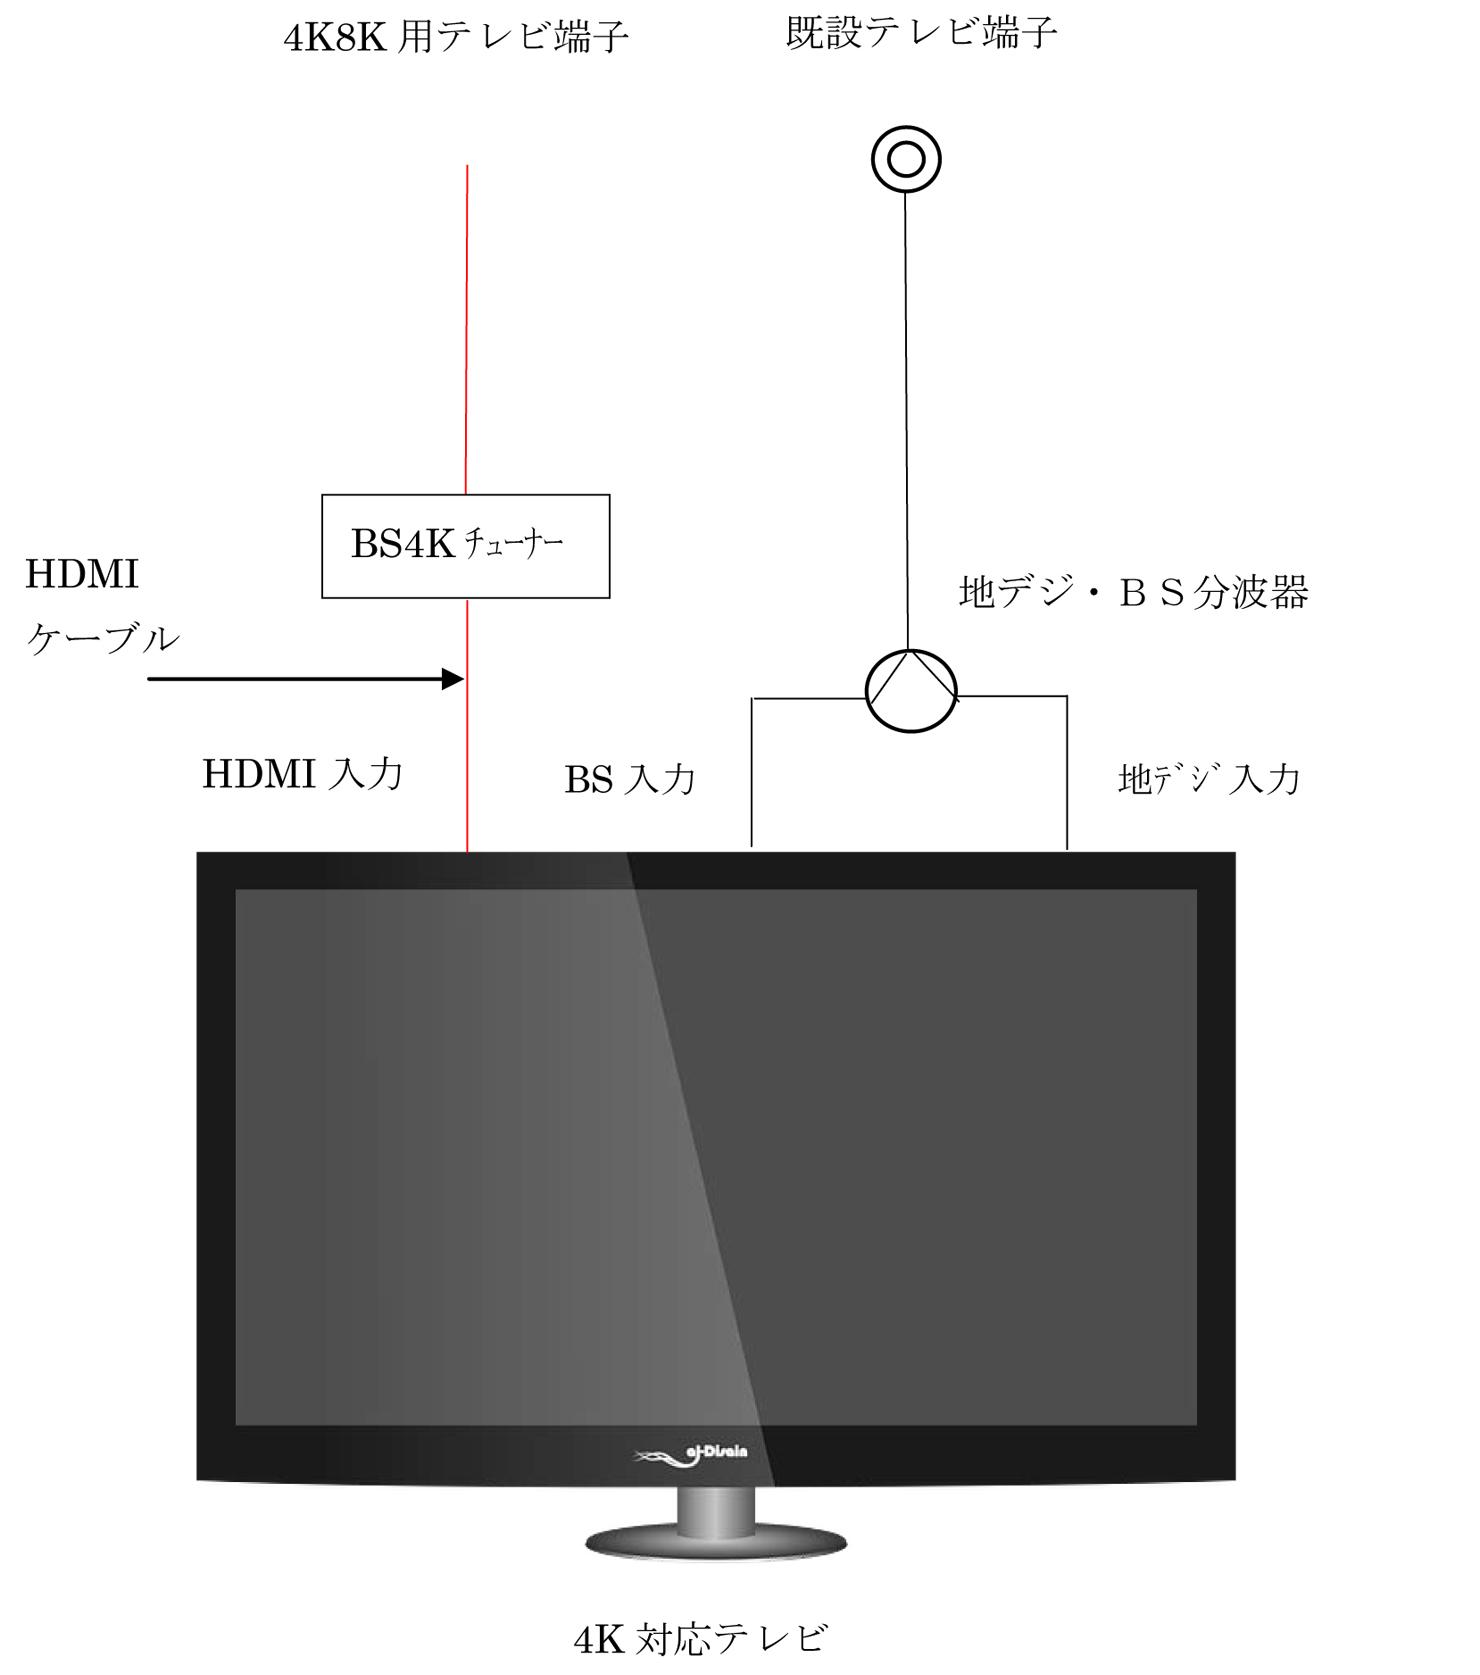 宅内テレビ側4K 接続例